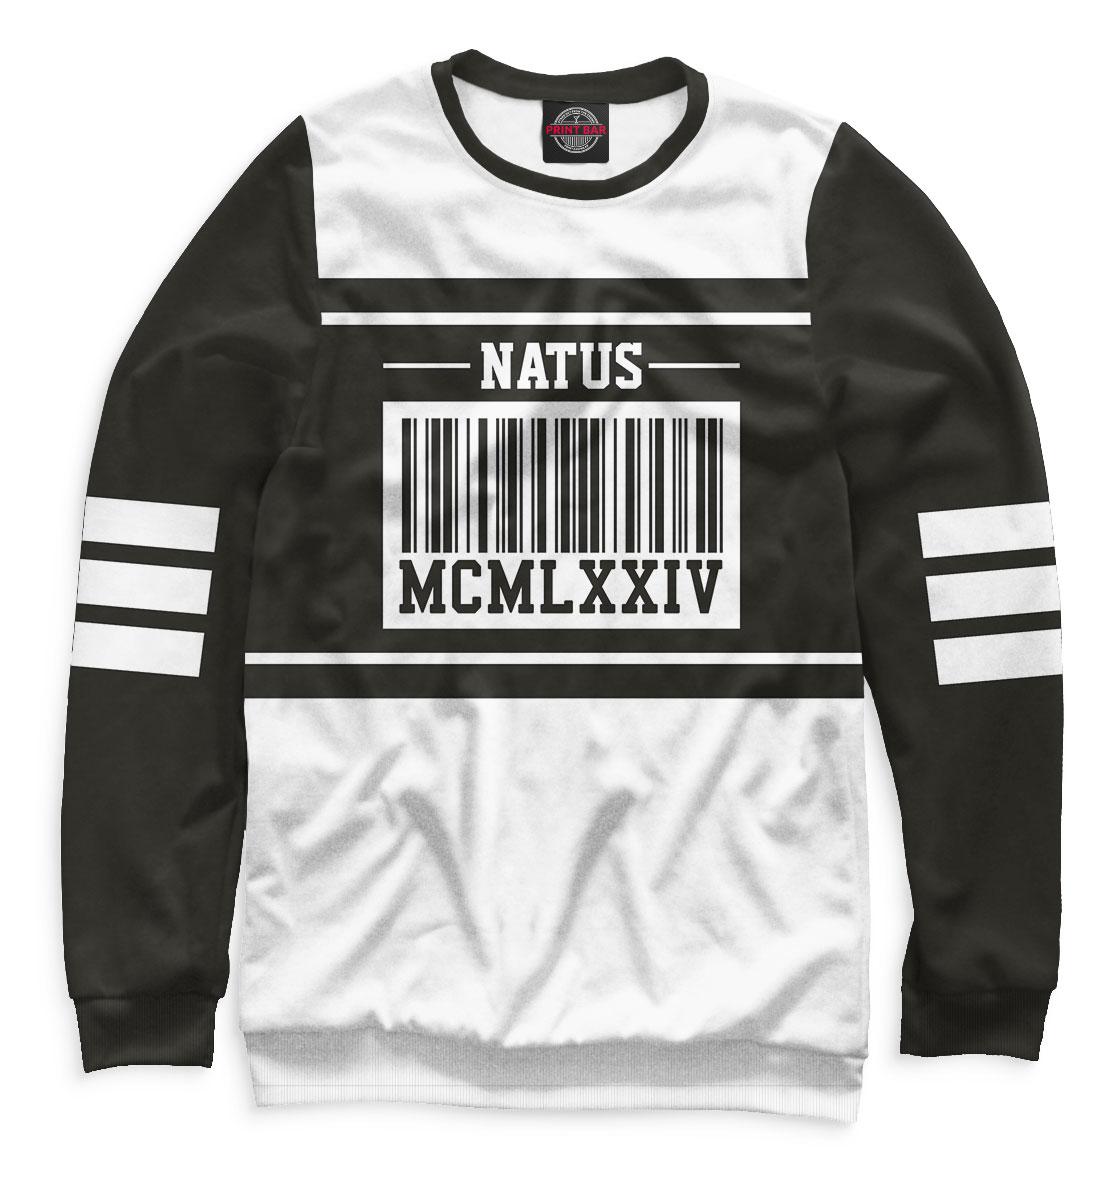 Купить MCMLXXIV — 1974, Printbar, Свитшоты, DSC-298407-swi-2